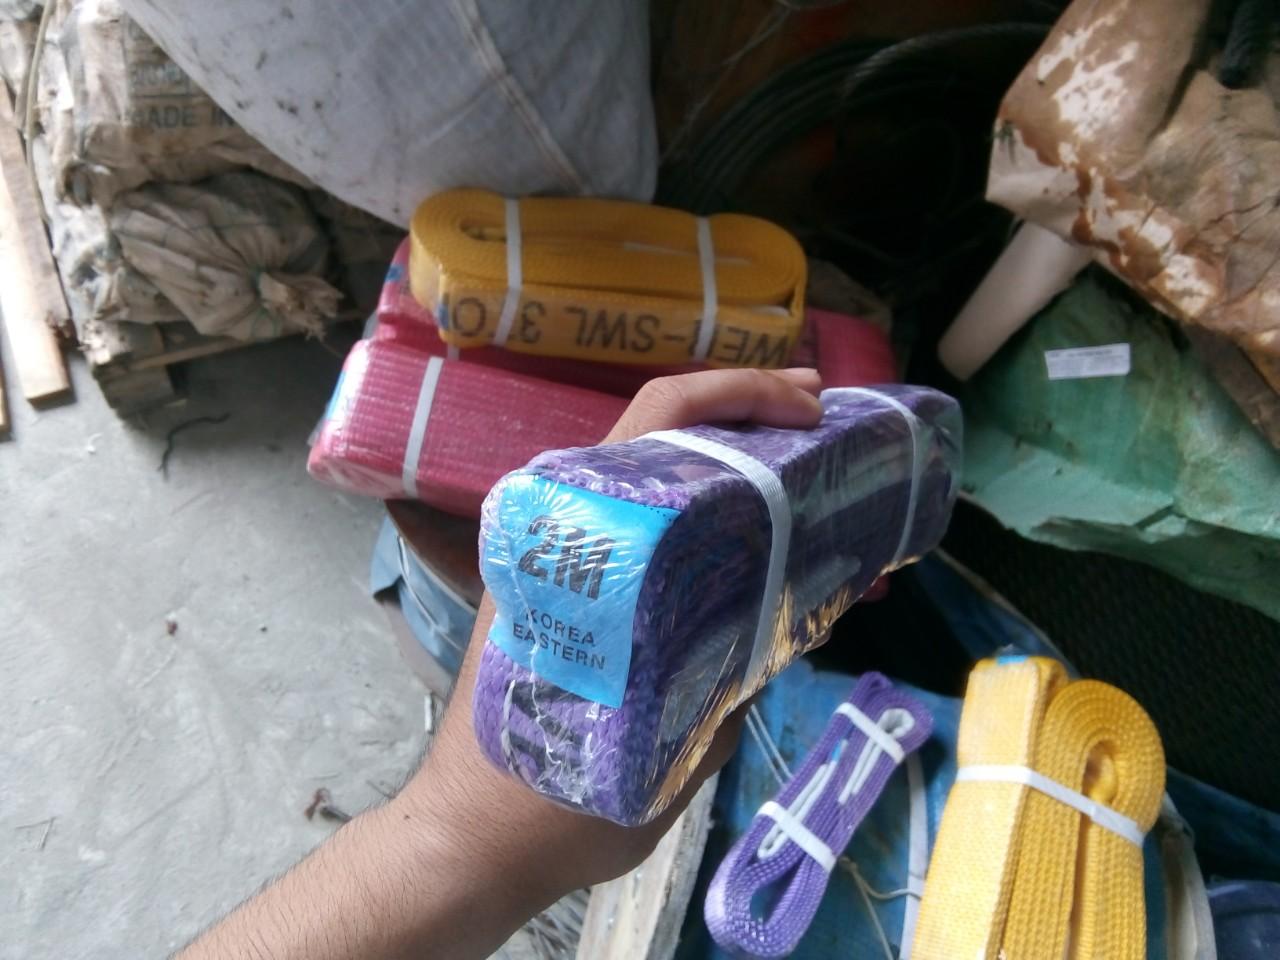 Cáp vải 1 tấn, Cáp vải, cáp vải cẩu hàng, cáp cẩu, Công ty TNHH  Lê Hà Vina, Lê Hà Vina, đơn vị cung cấp cáp vải